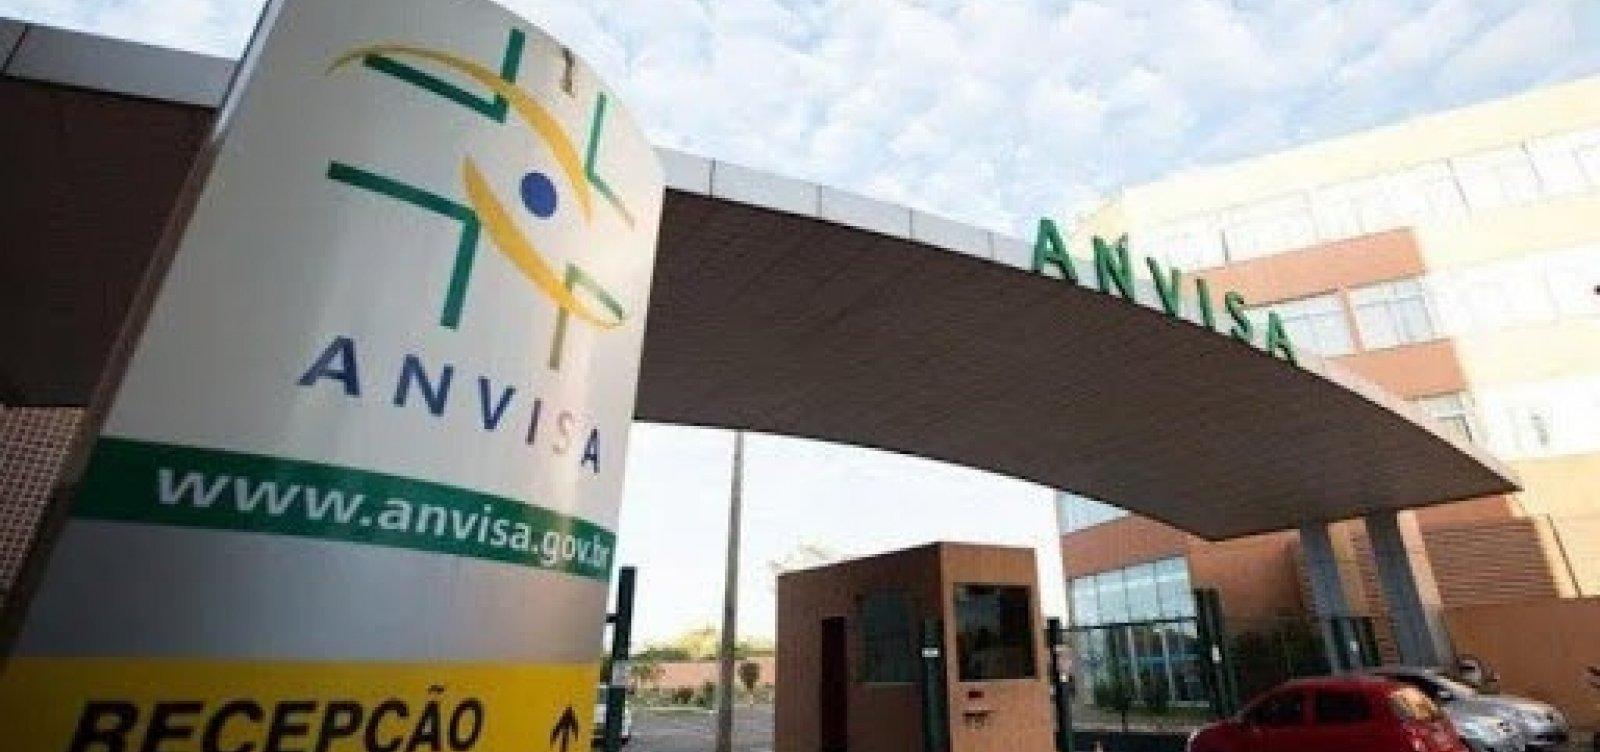 Anvisa diz ao STF que não é possível liberar vacina Sputnik V sem aval dos técnicos da agência